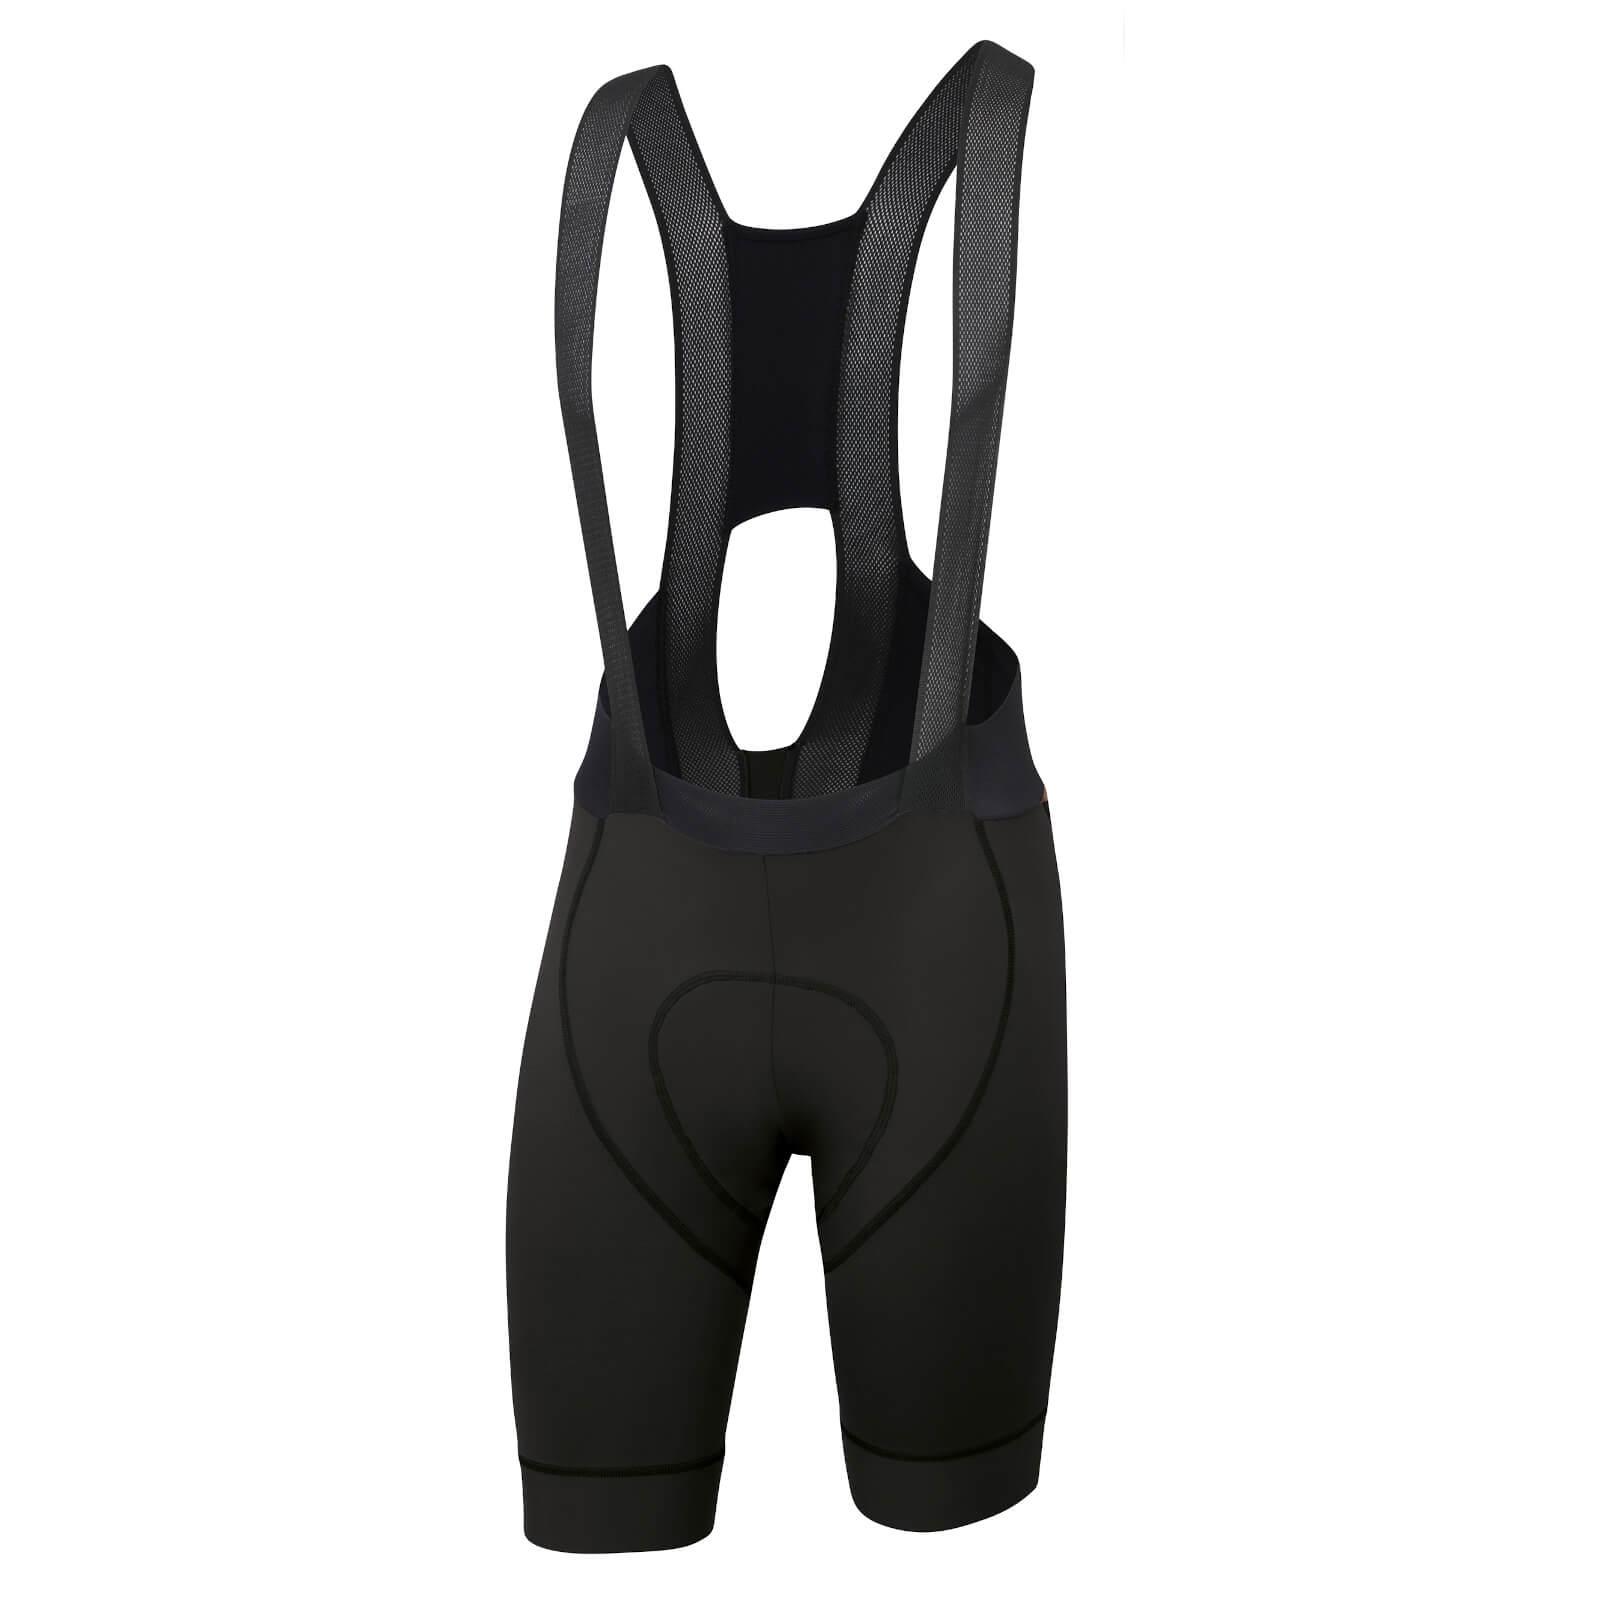 Sportful BodyFit Pro LTD Bib Shorts - XL - Black